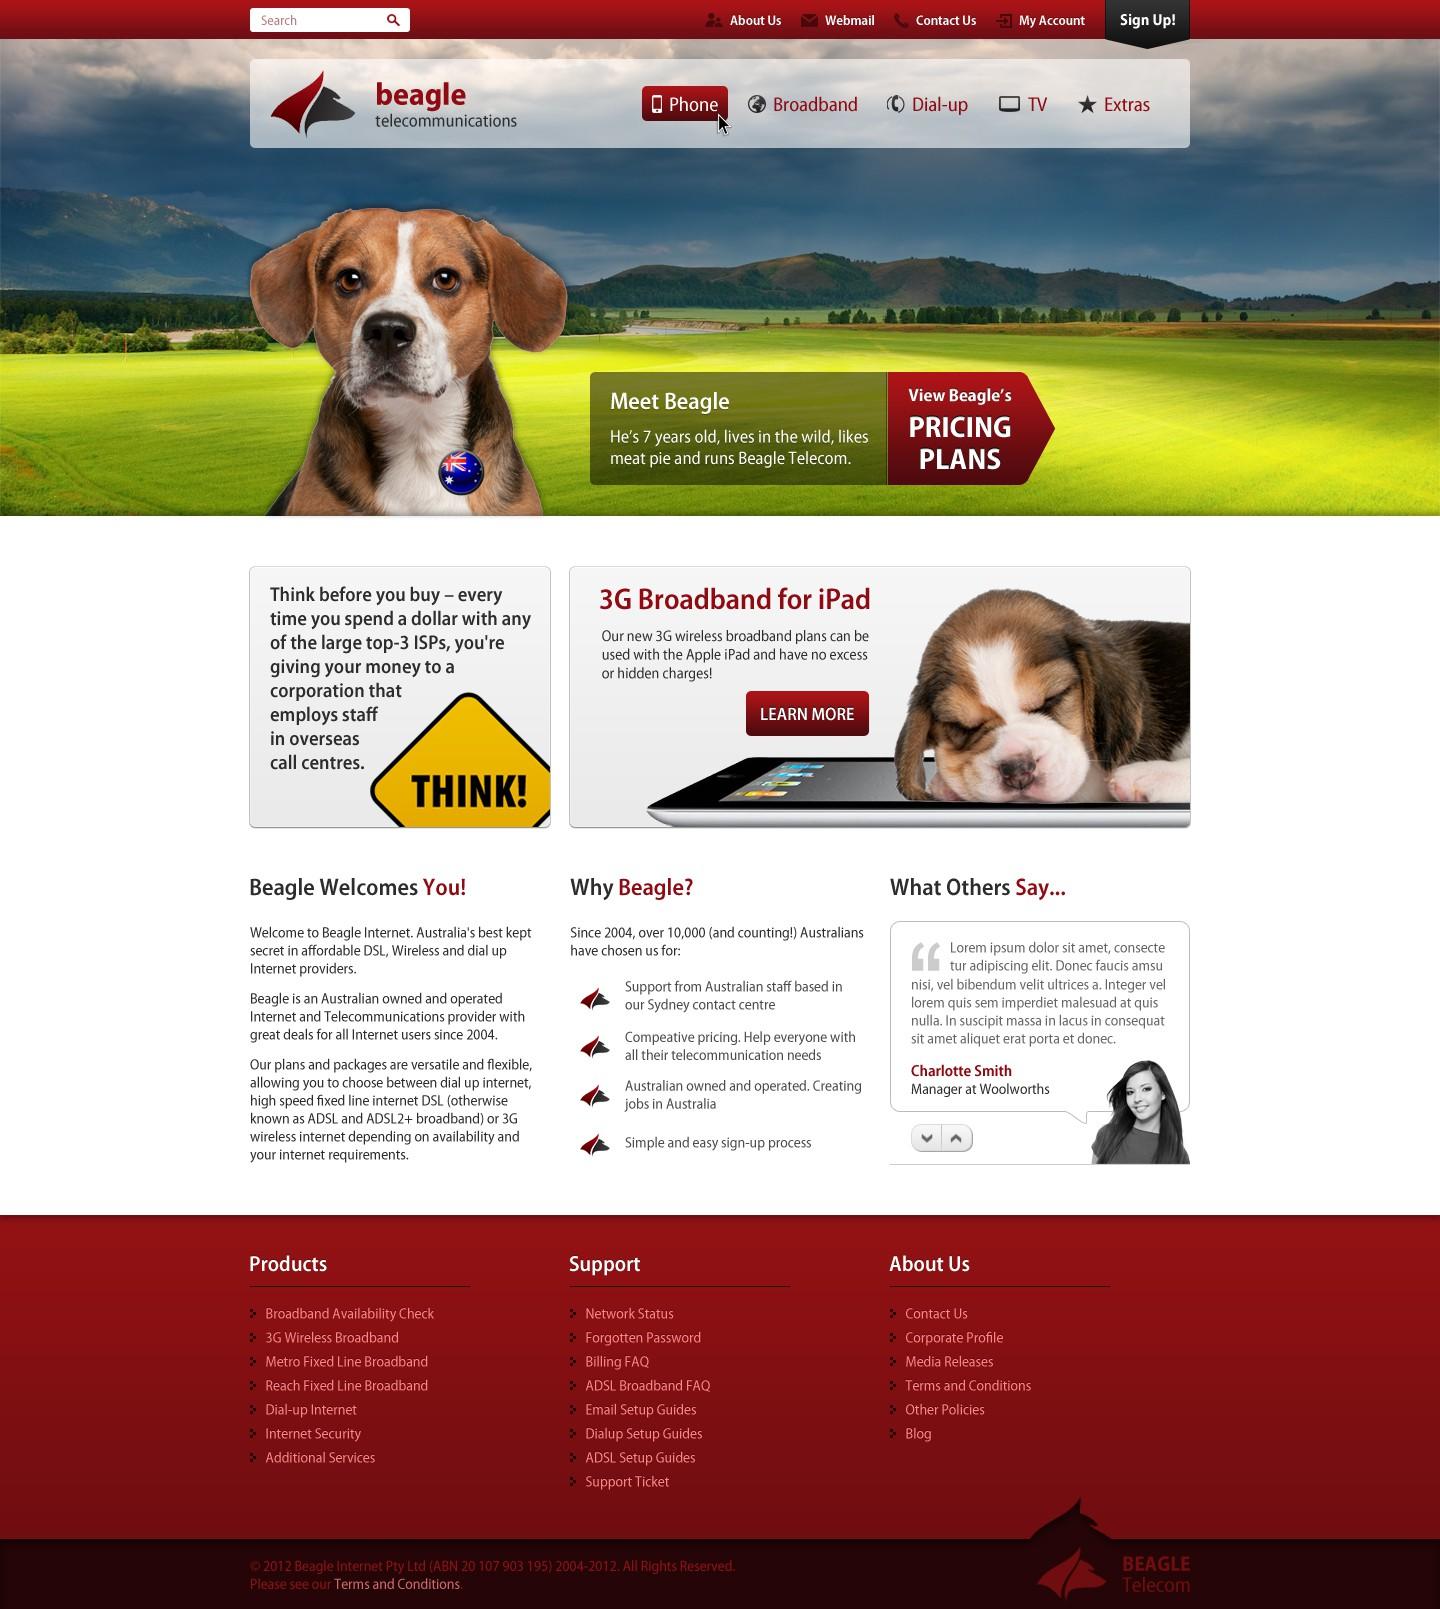 New website design wanted for Beagle Telecom